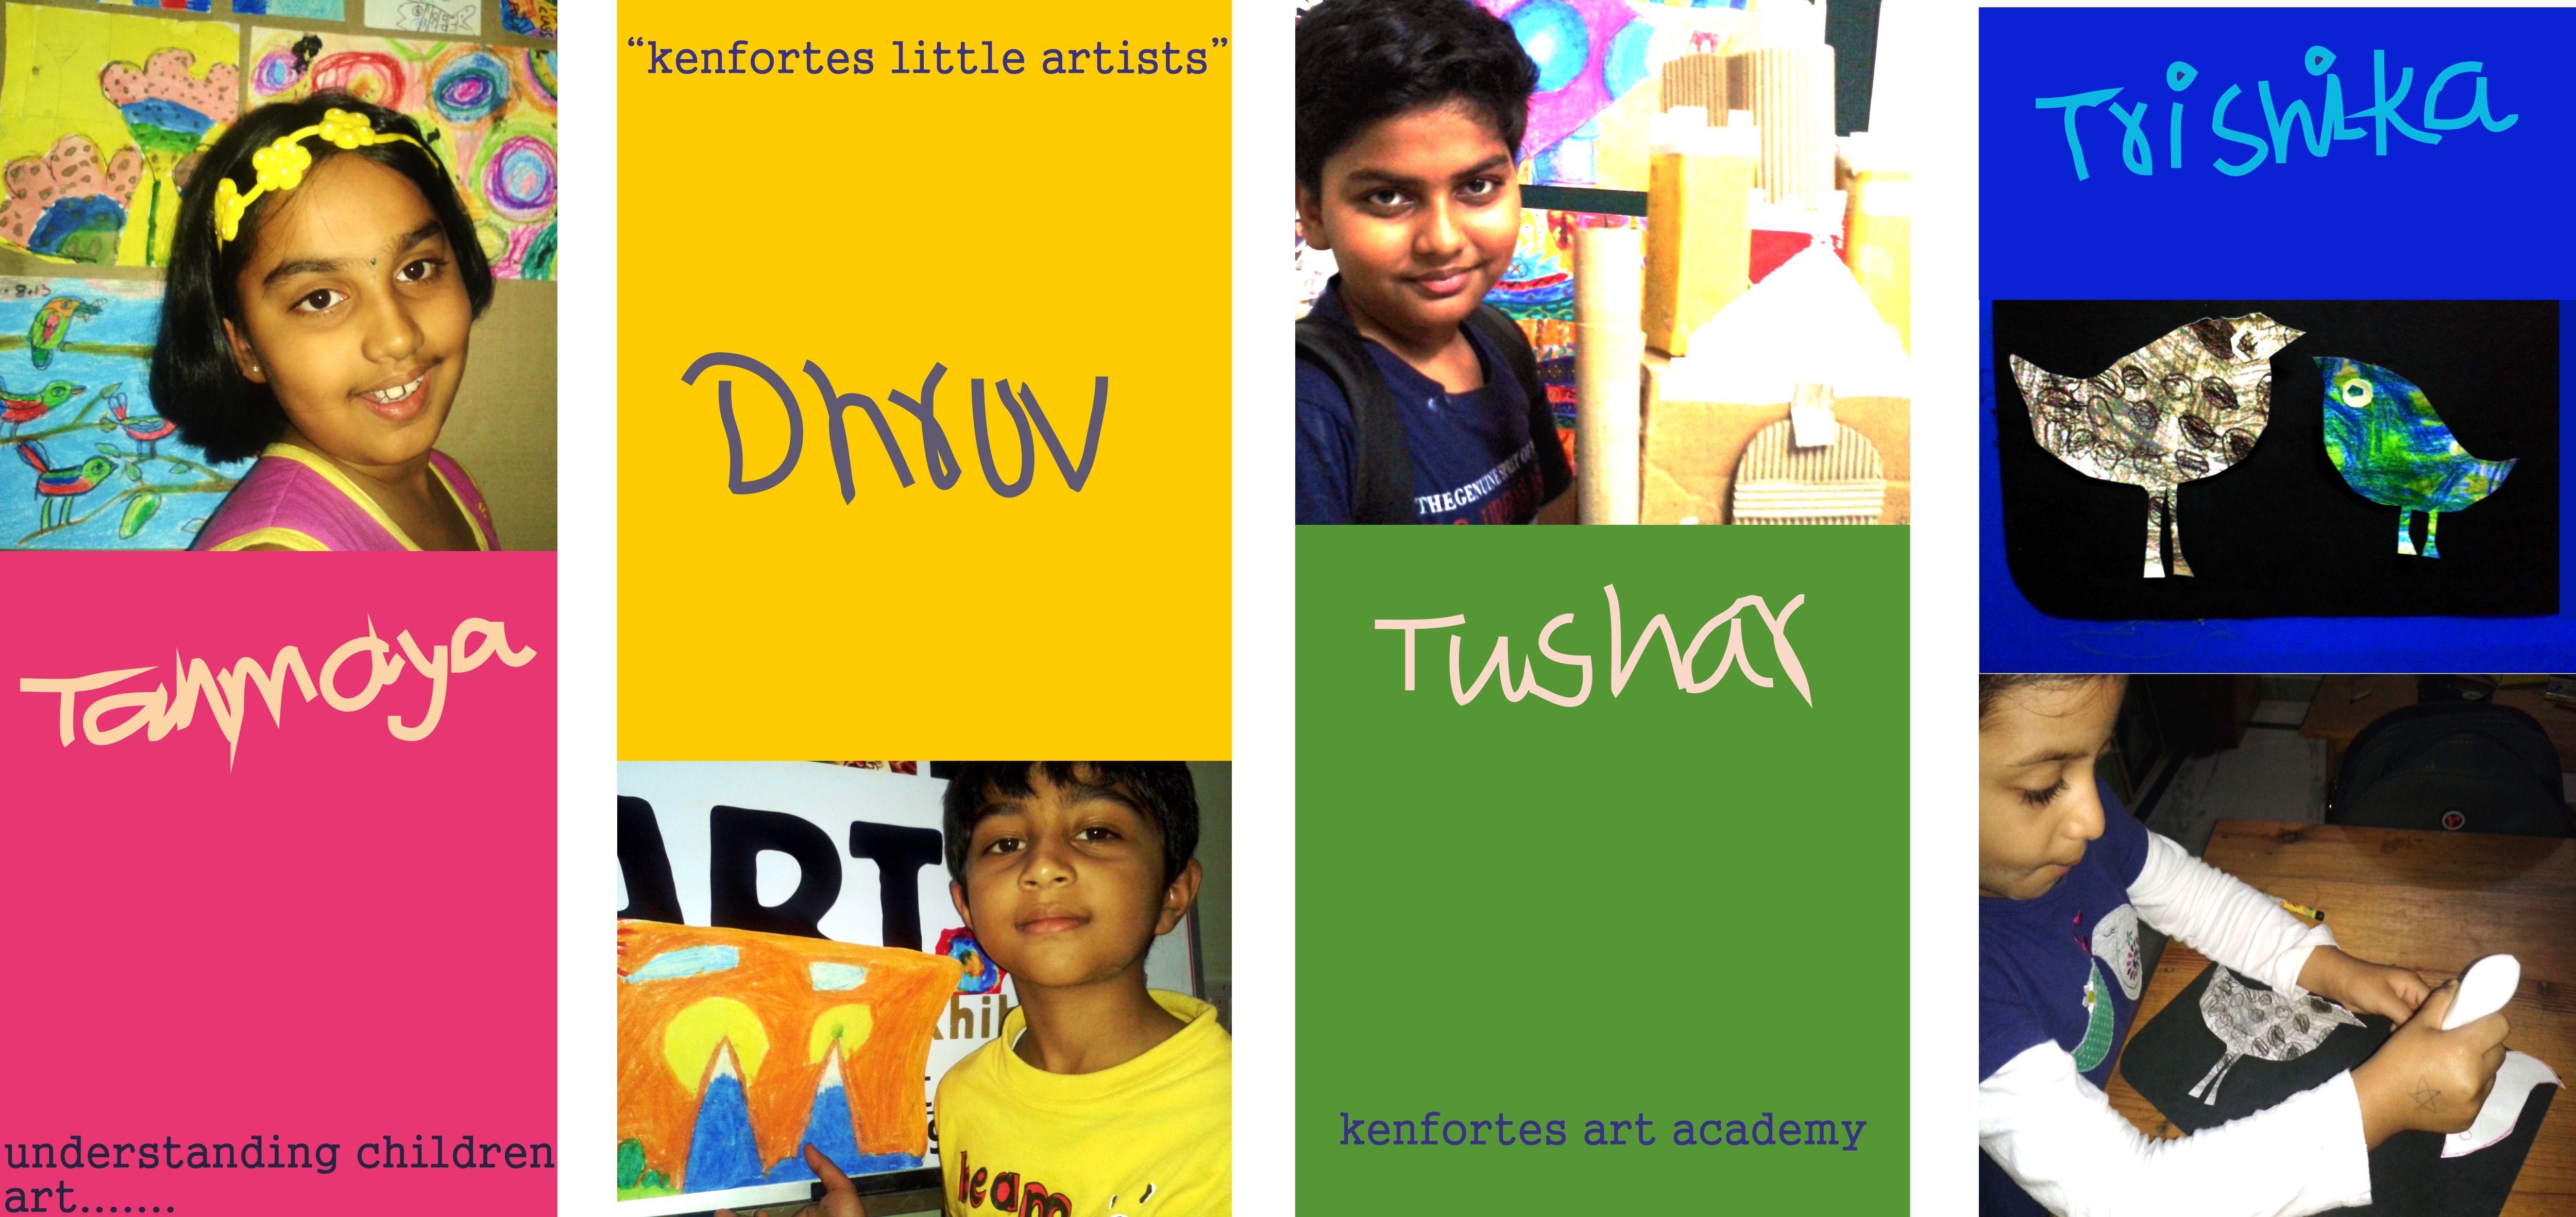 Kenfortes little artists